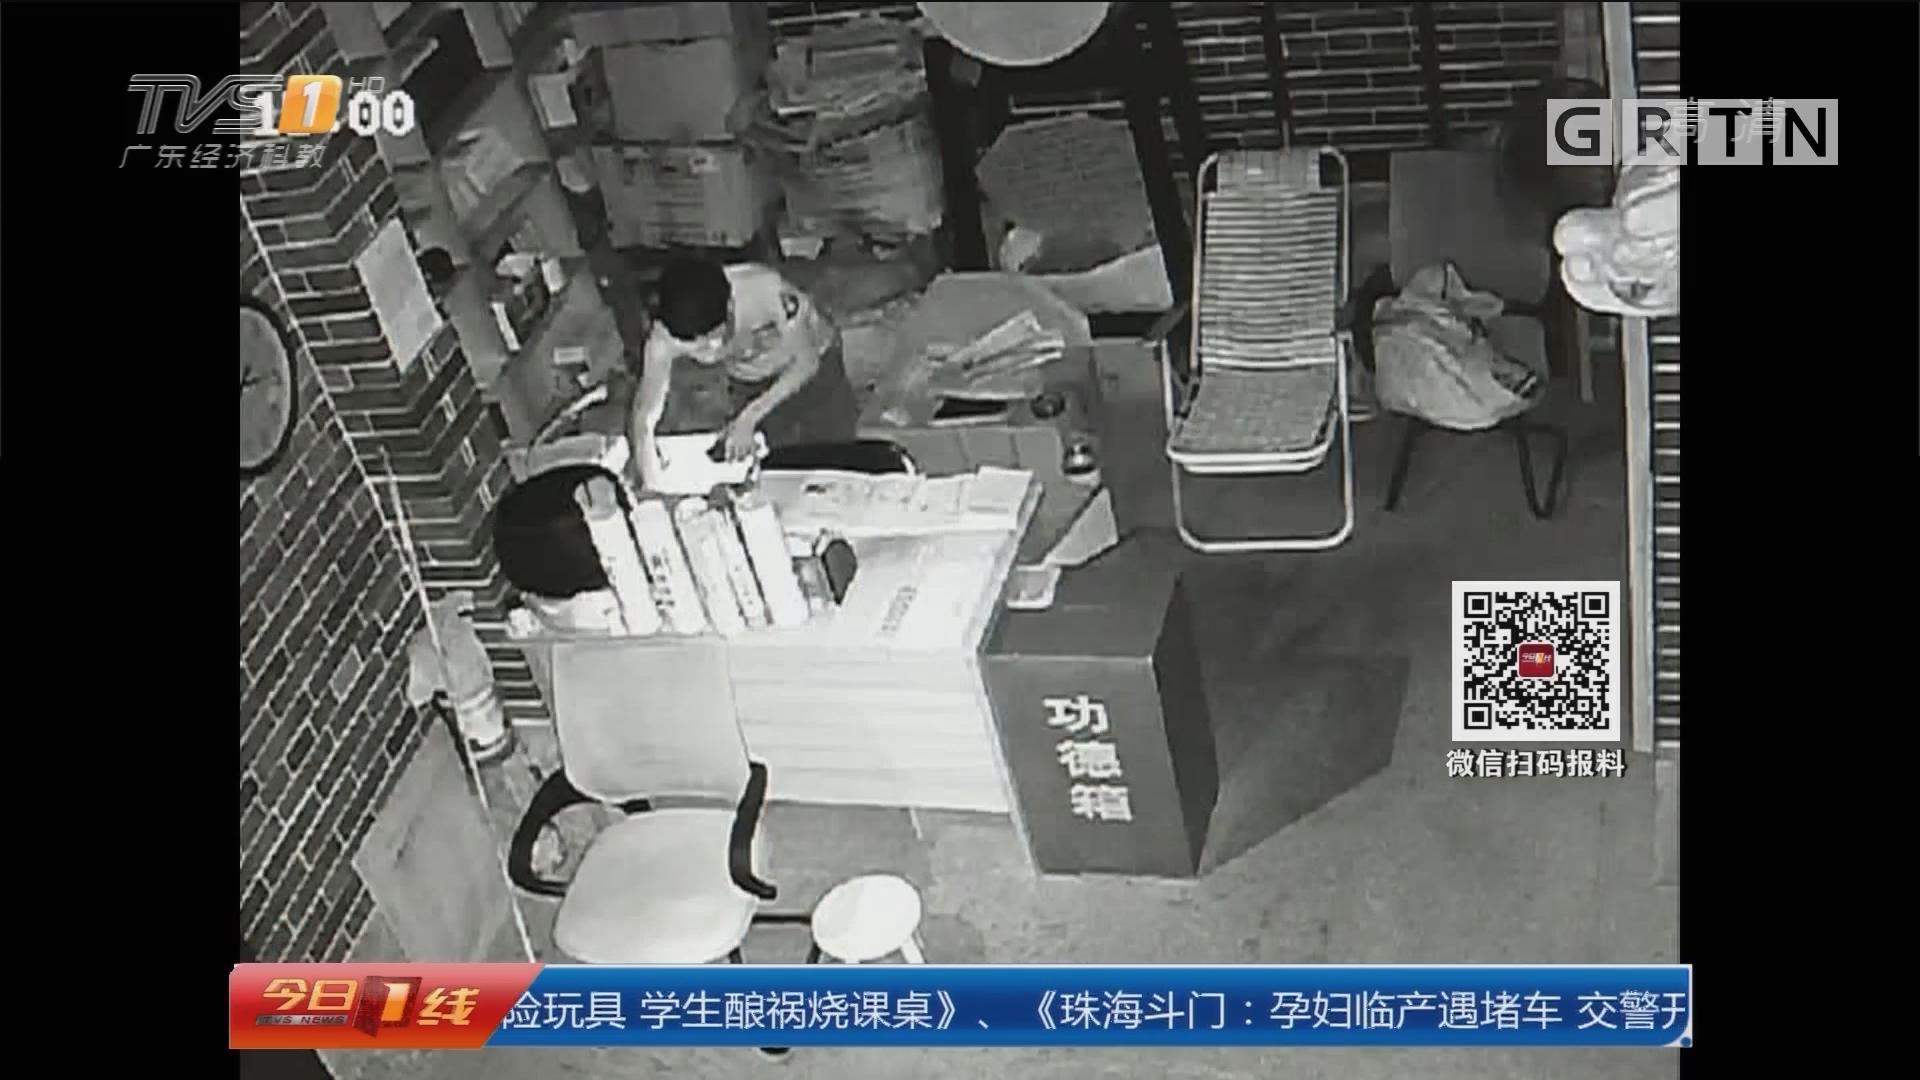 深圳:功德箱当提款机 飞檐走壁终落网